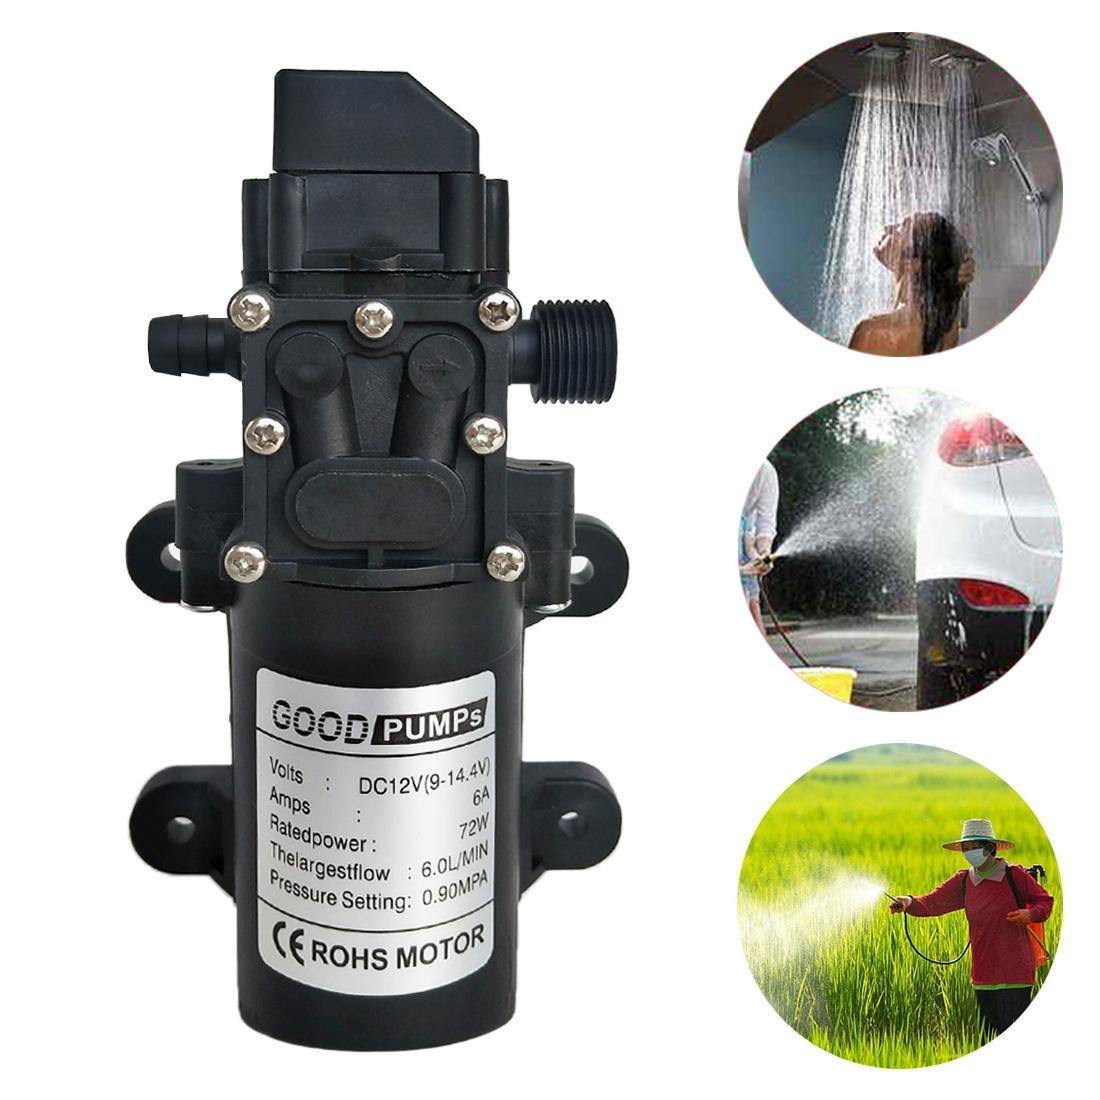 12V 72W bomba de autoceba de autoservicio lavado de automóviles de alta presión Diafragma inteligente de la bomba de agua de derecha